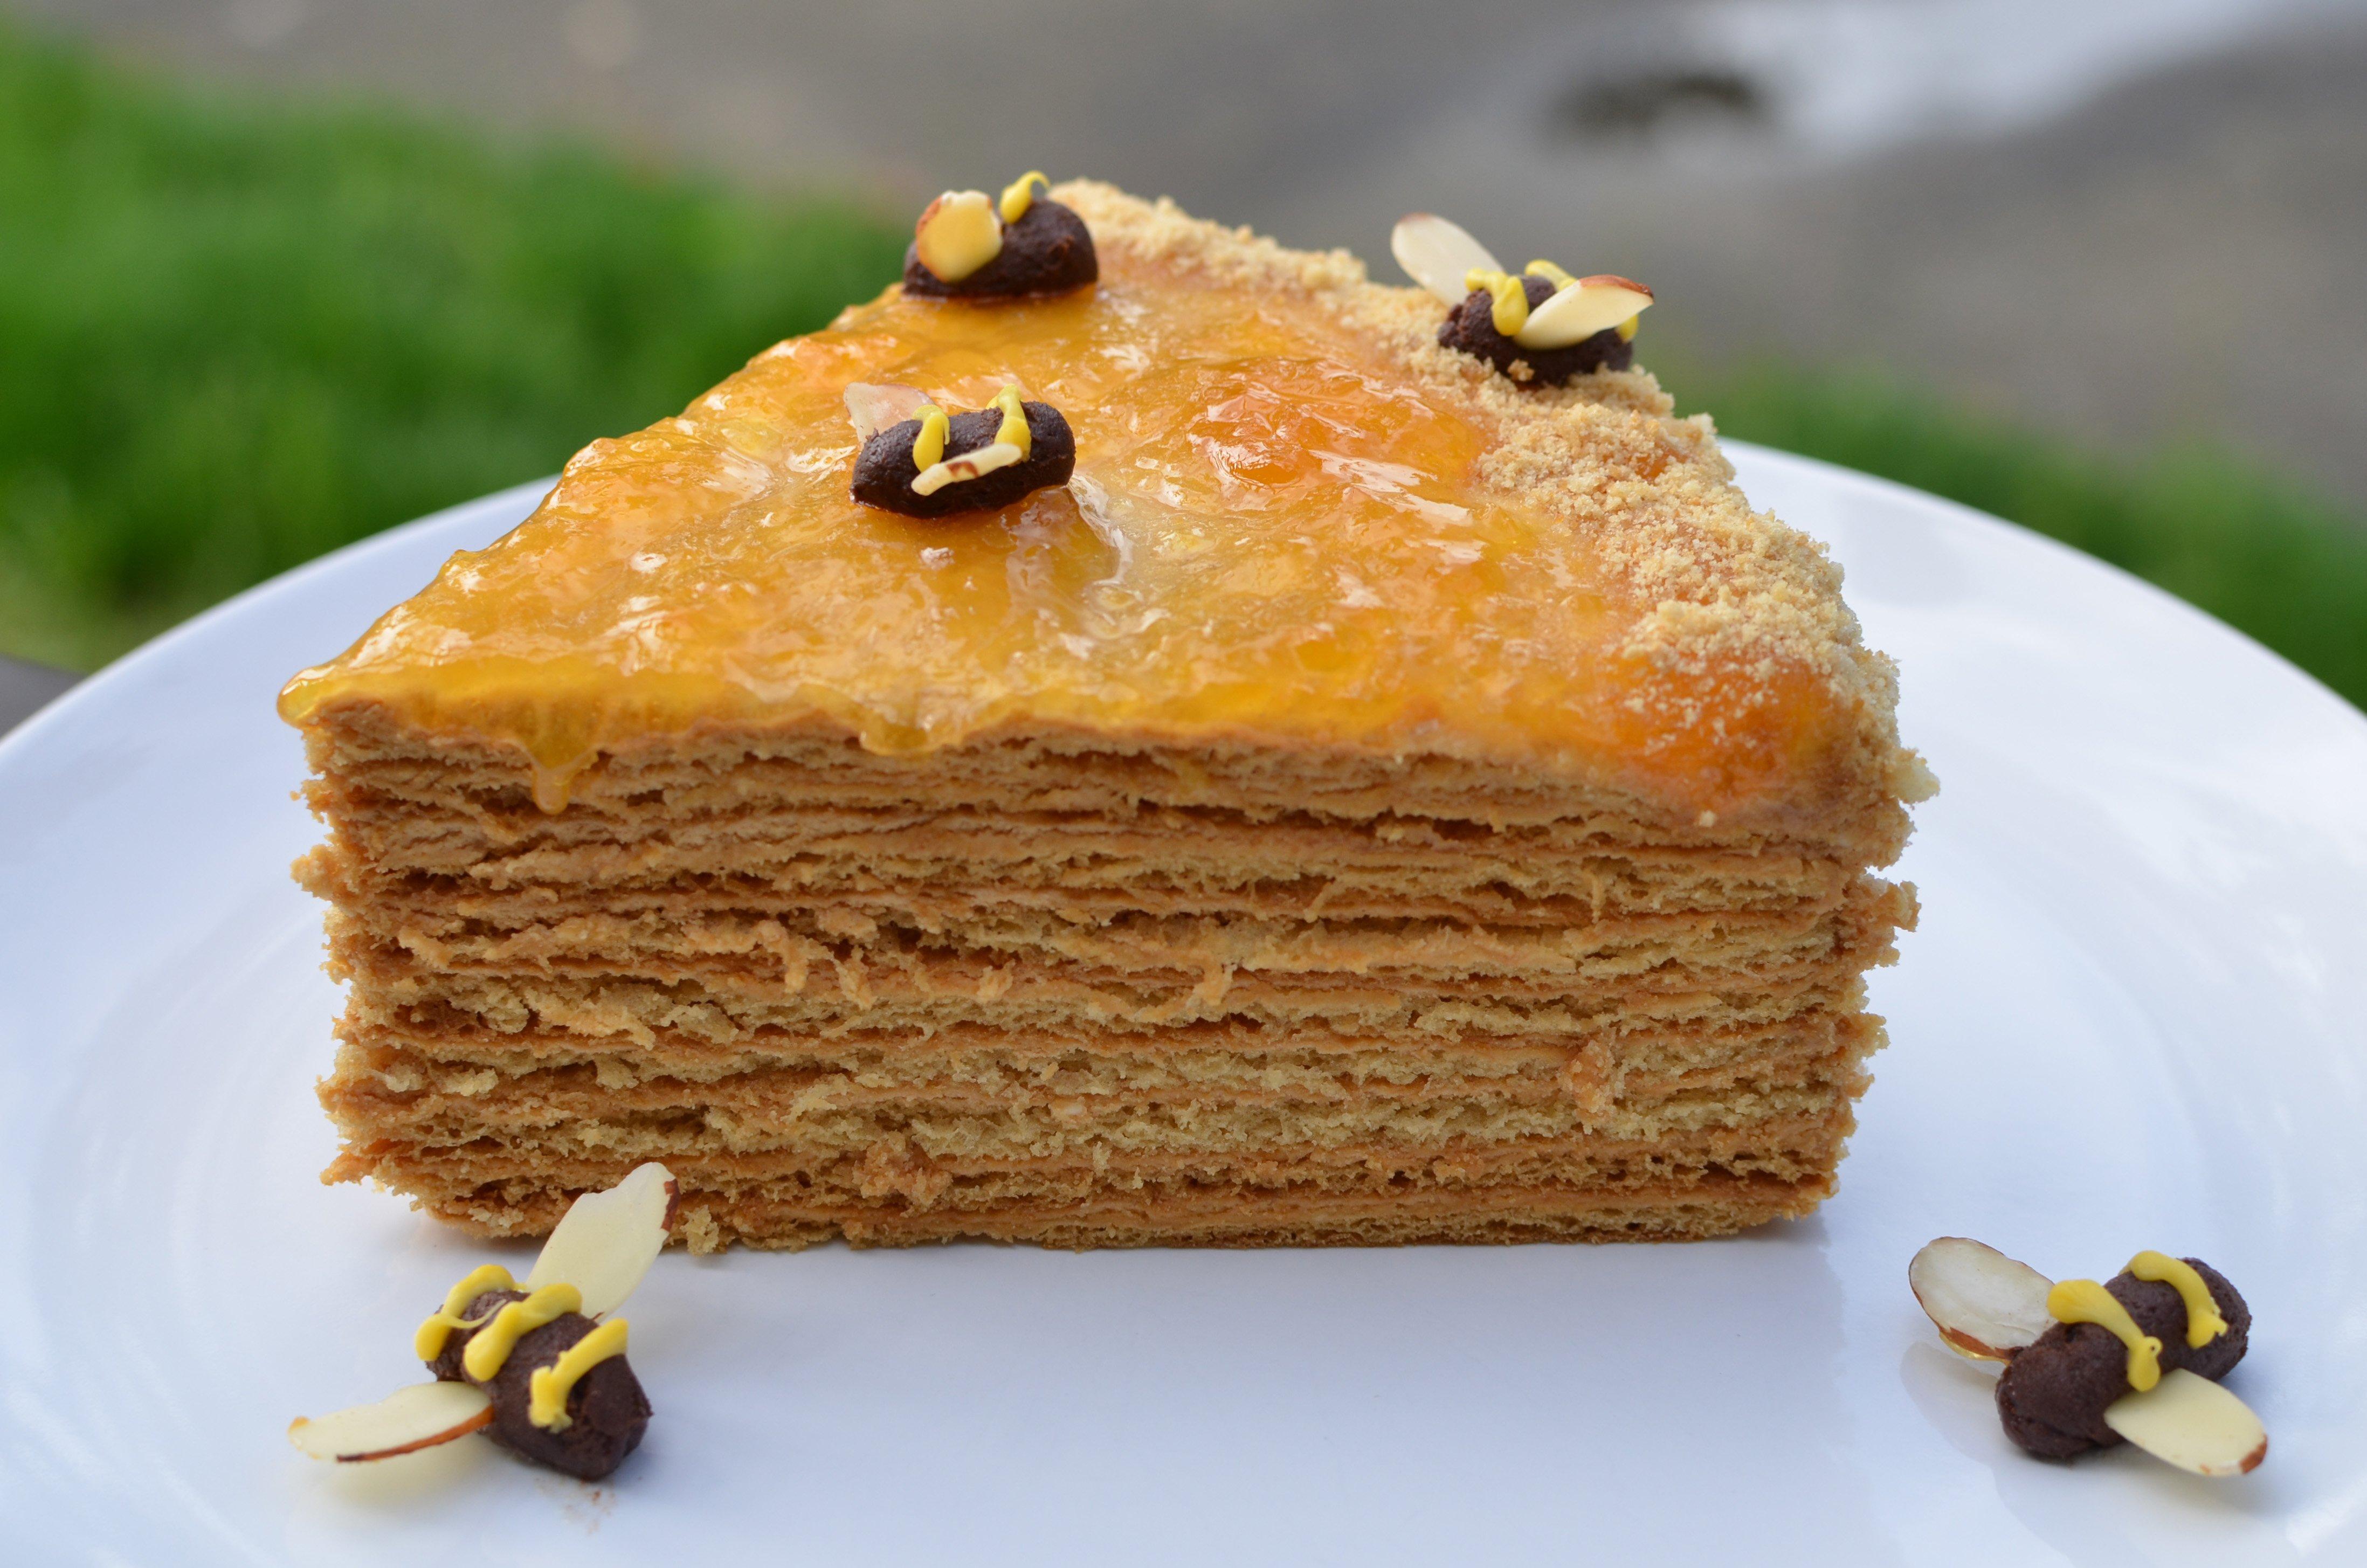 крем для медового торта рецепт с фото каталог